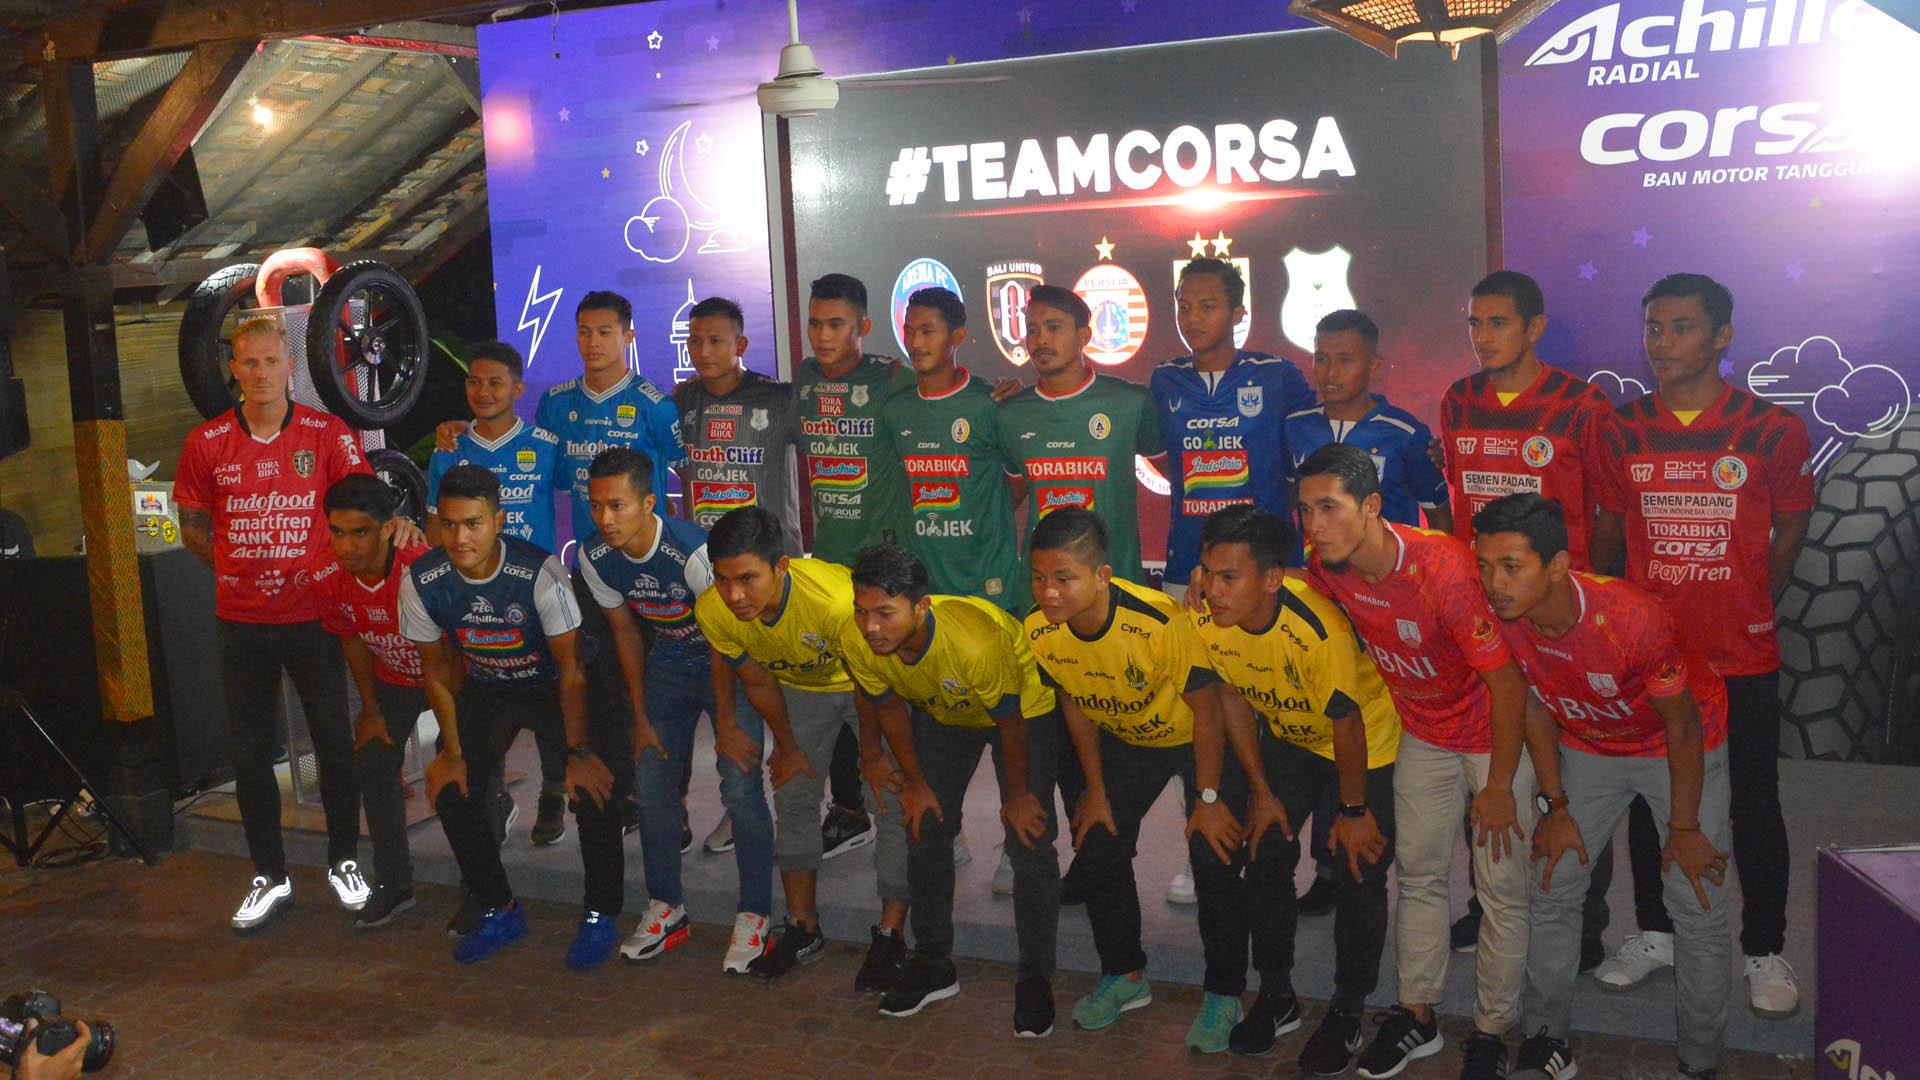 team corsa